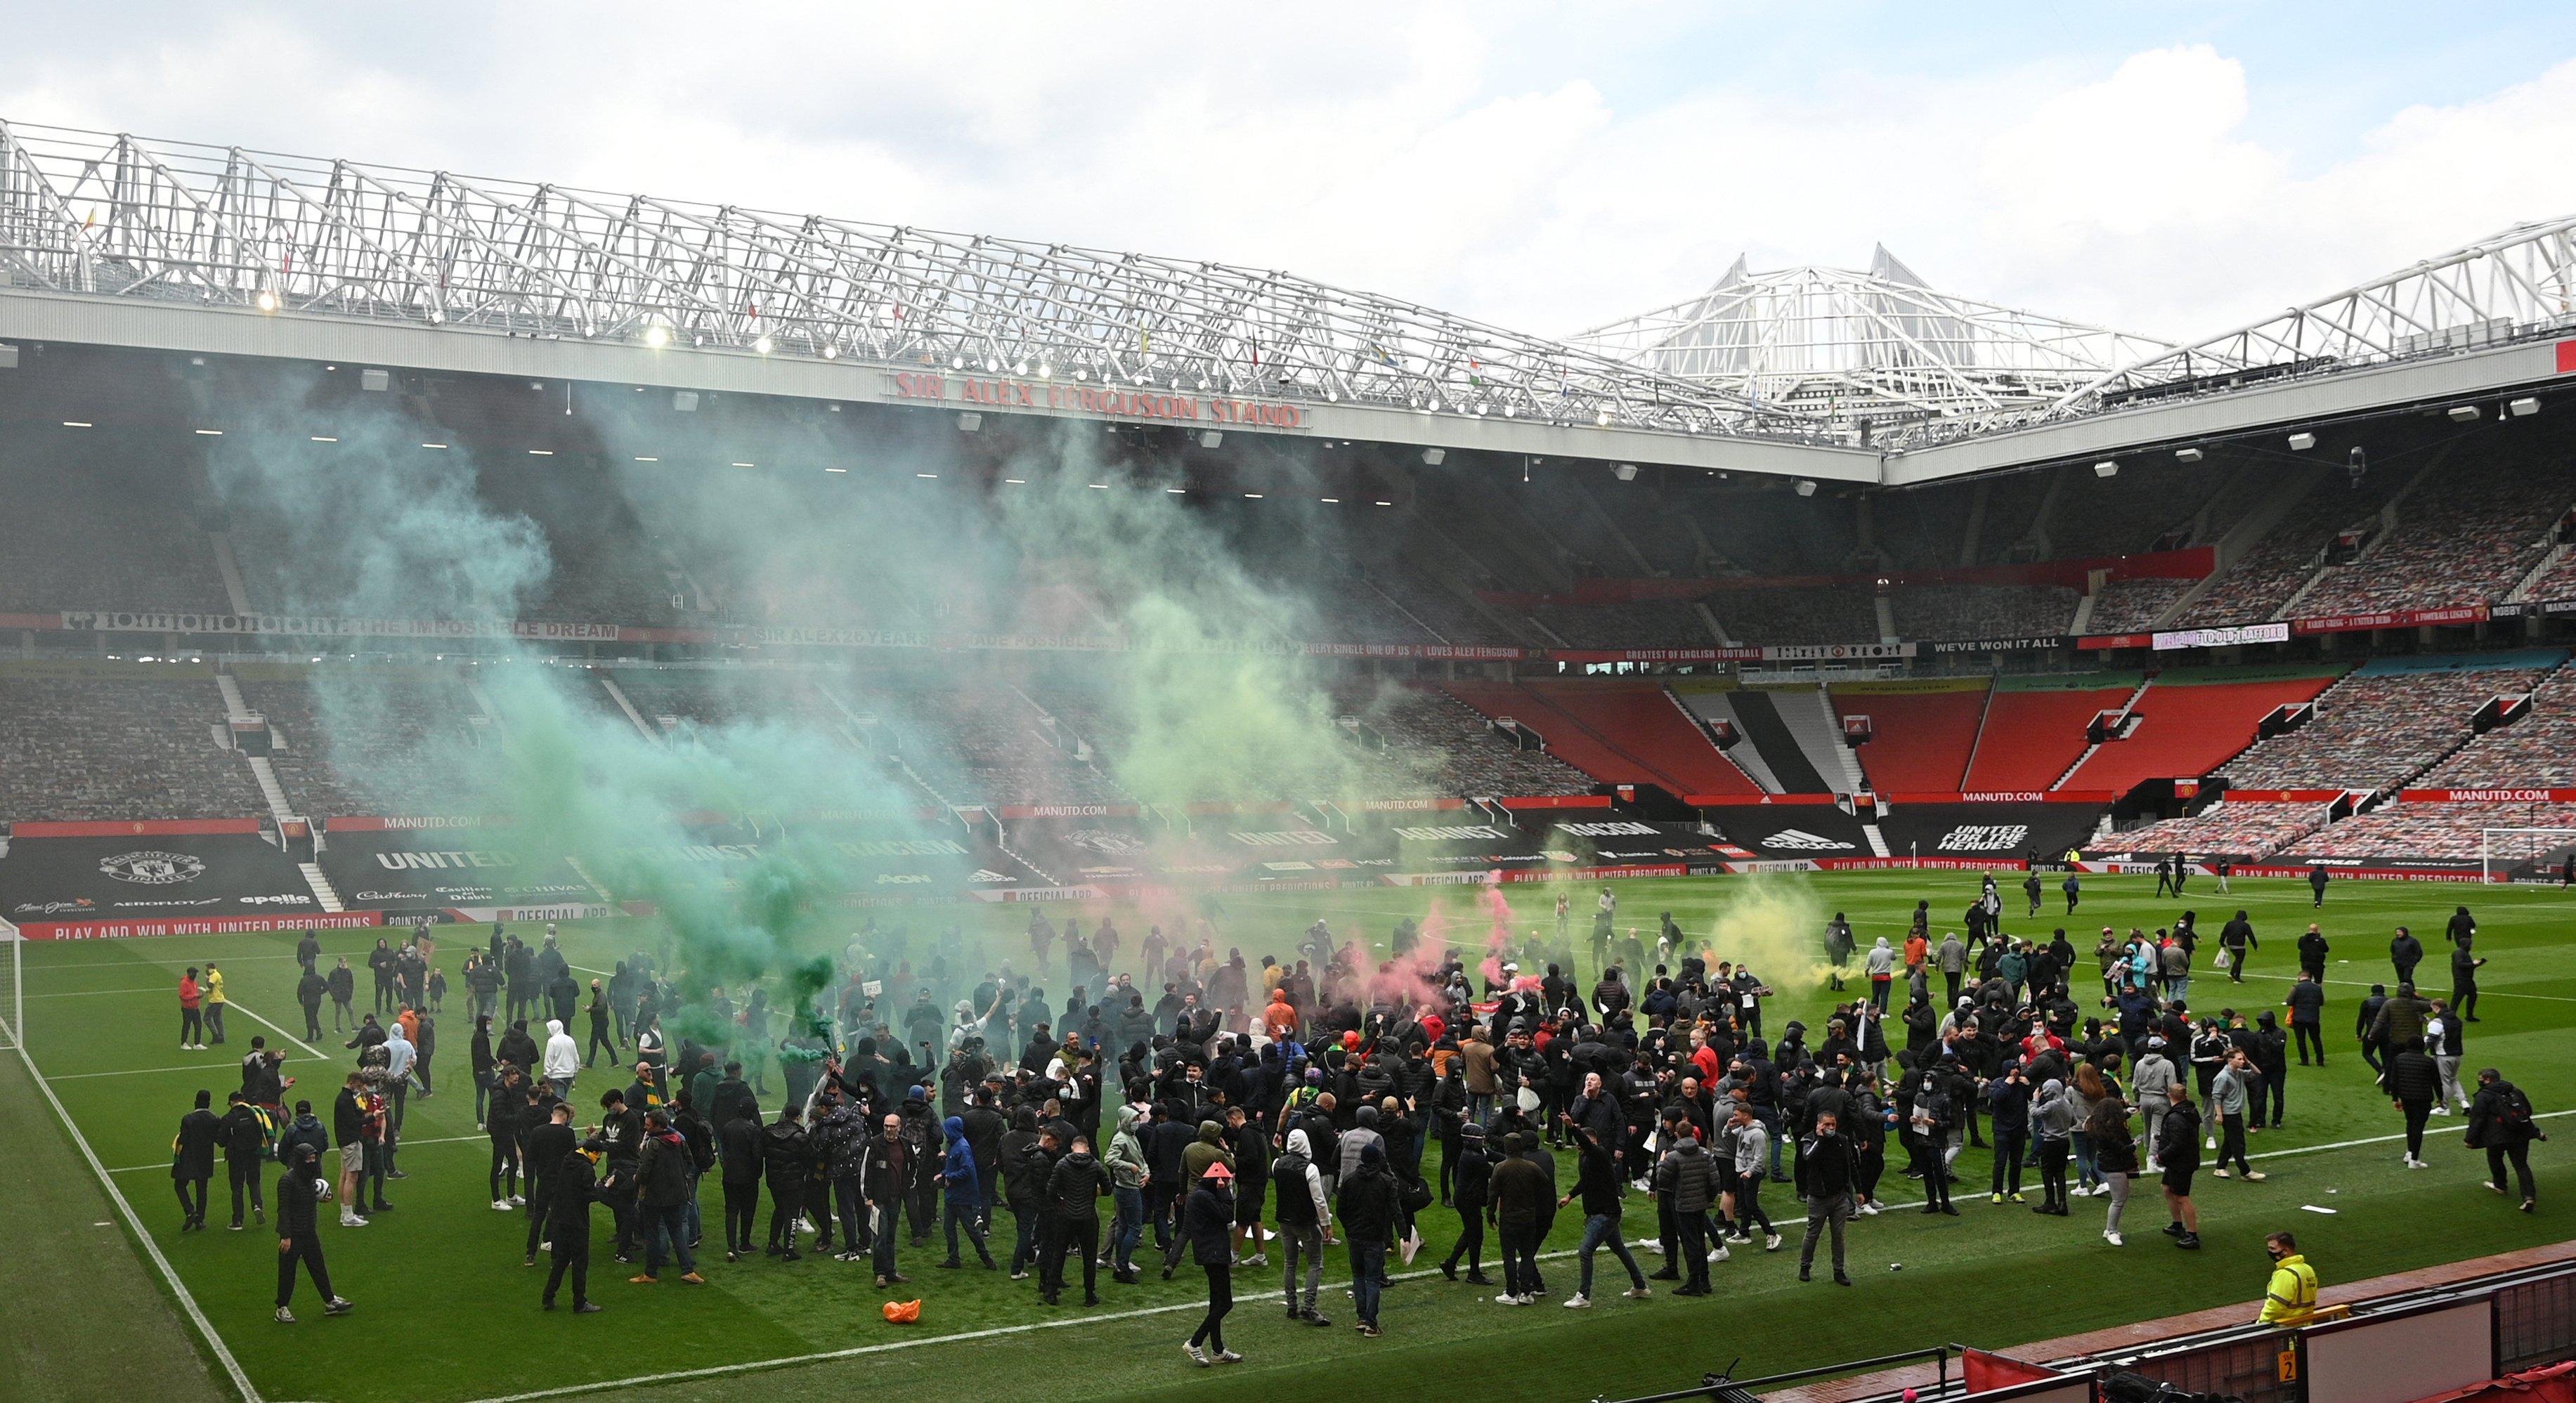 Матч 34-го тура английской Премьер-лиги «Манчестер Юнайтед» — «Ливерпуль» перенесён